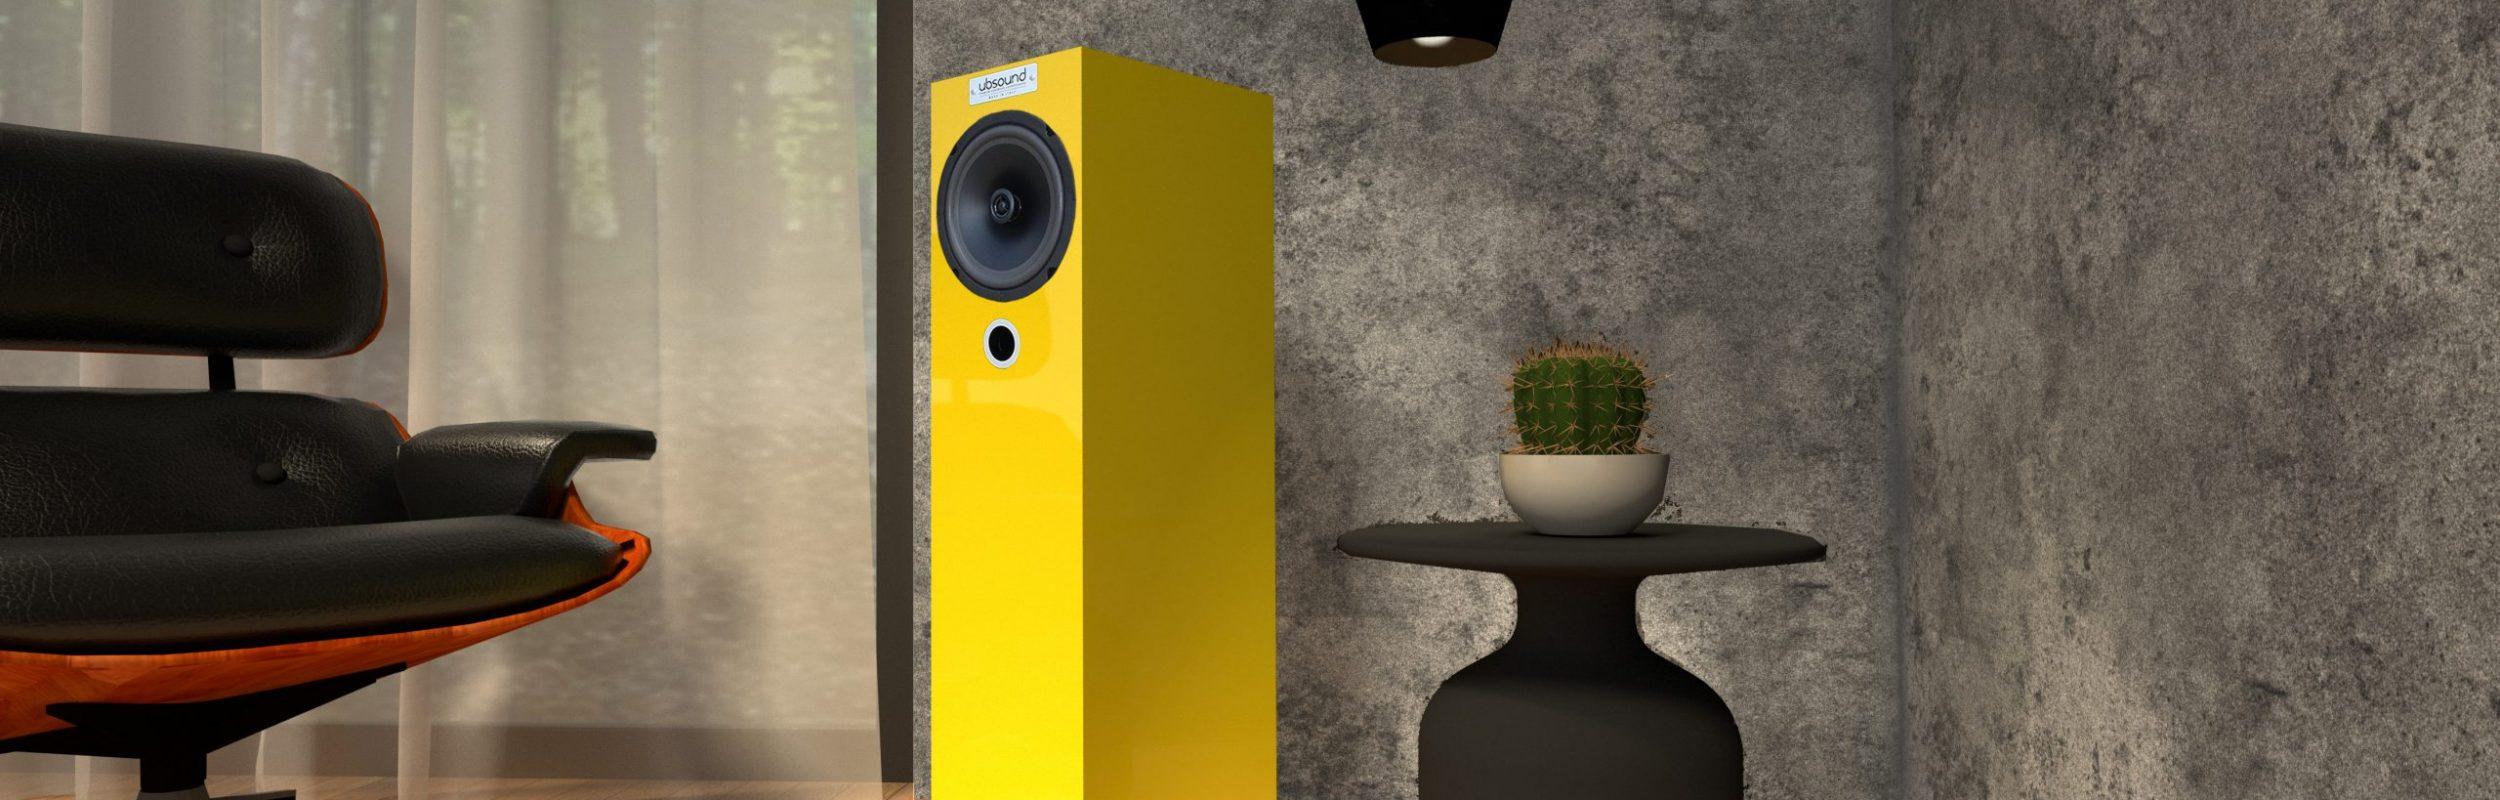 UBSOUND: IL SUONO CHE ARREDA! Nuovi diffusori acustici ad alta fedeltà